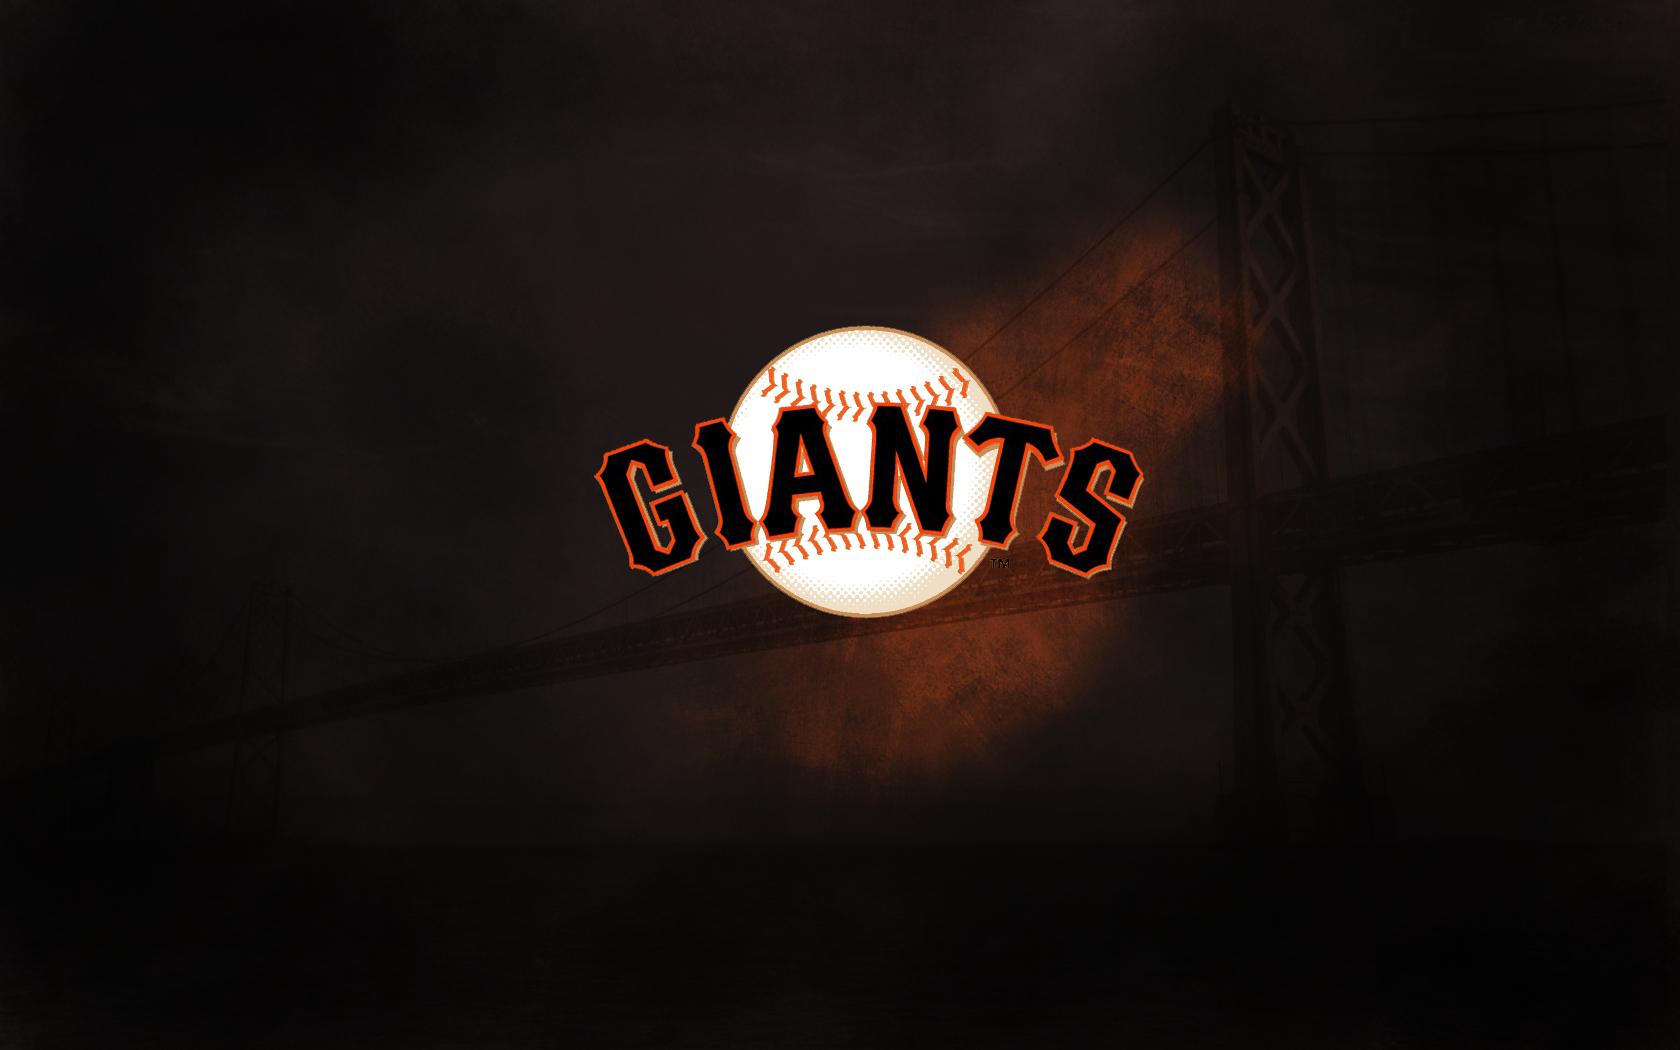 SF Giants wallpaper by windh on deviantART 1680x1050